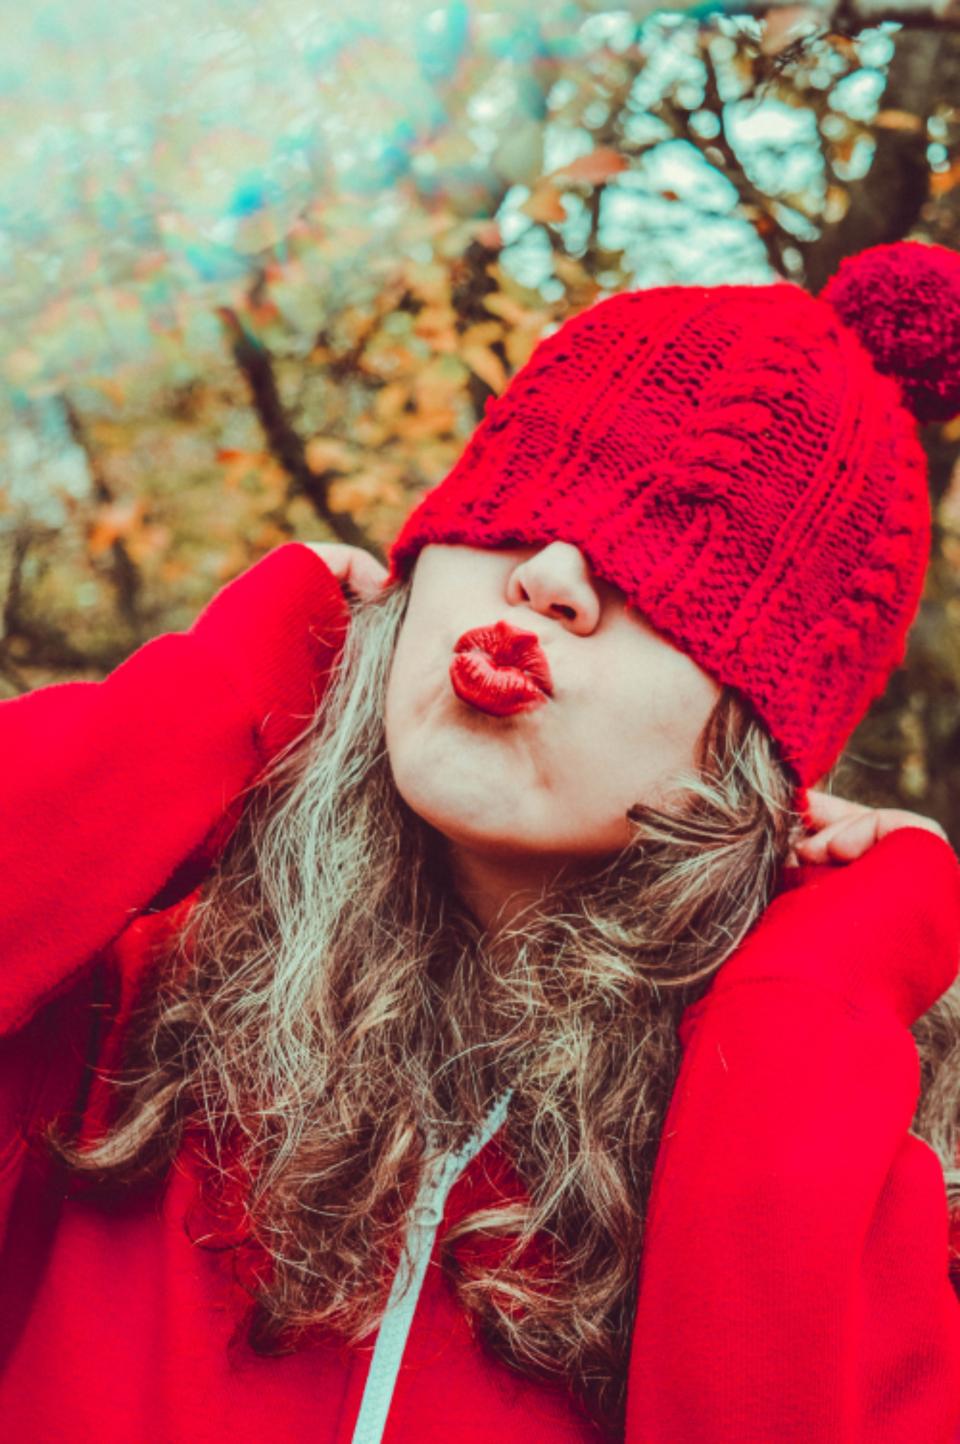 عکس زنانه لب قرمز با کلاه قرمز روی سر جدید